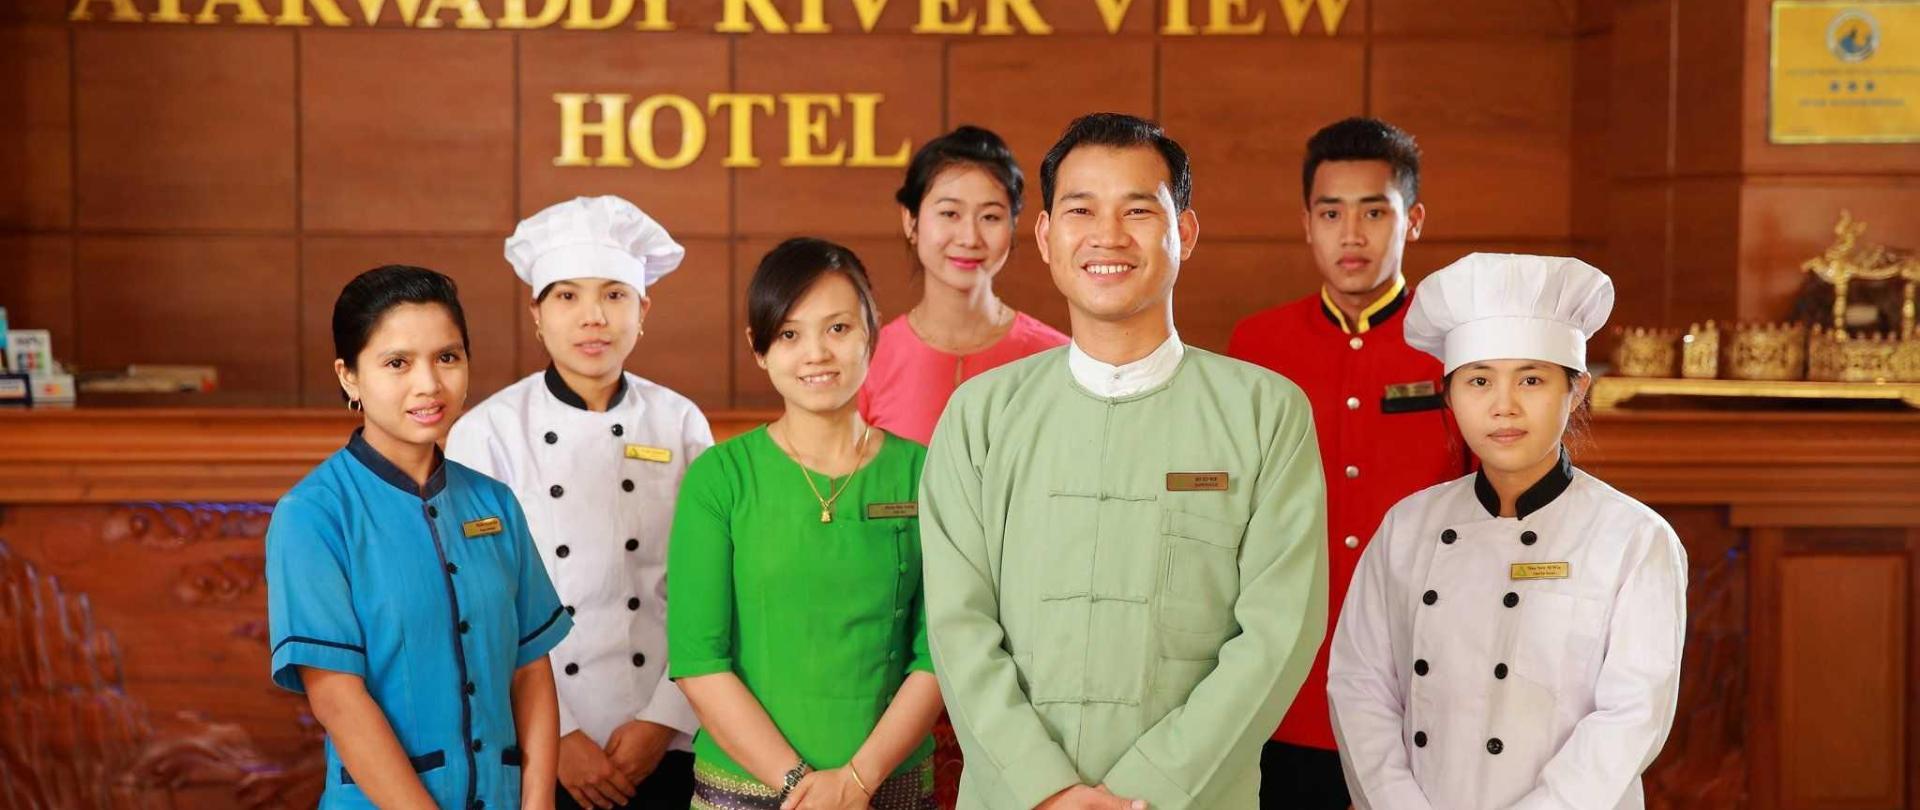 aywd-hotel-MDY-71-1.JPG